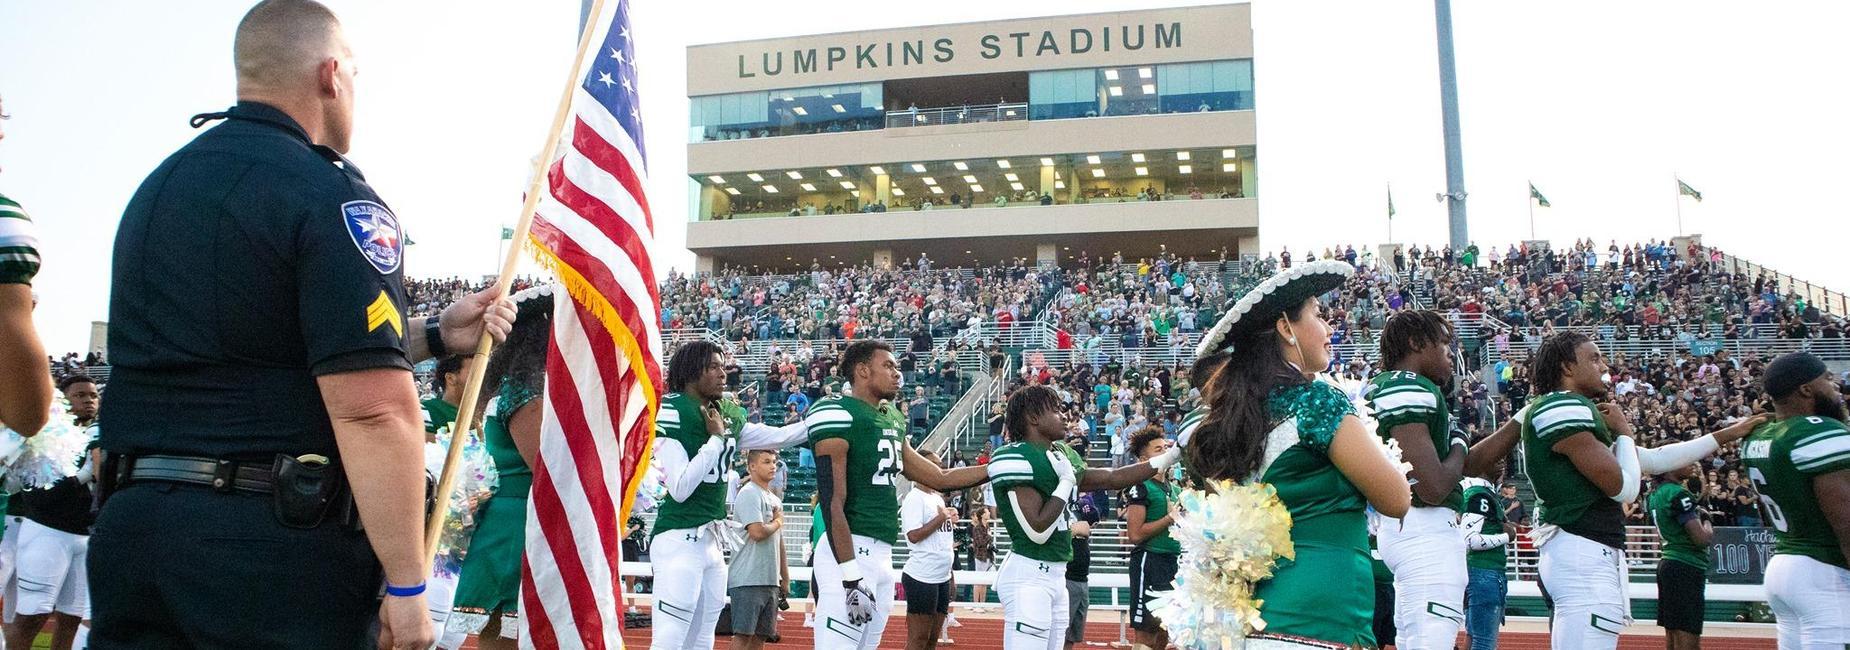 crowd at football stadium singing national anthem